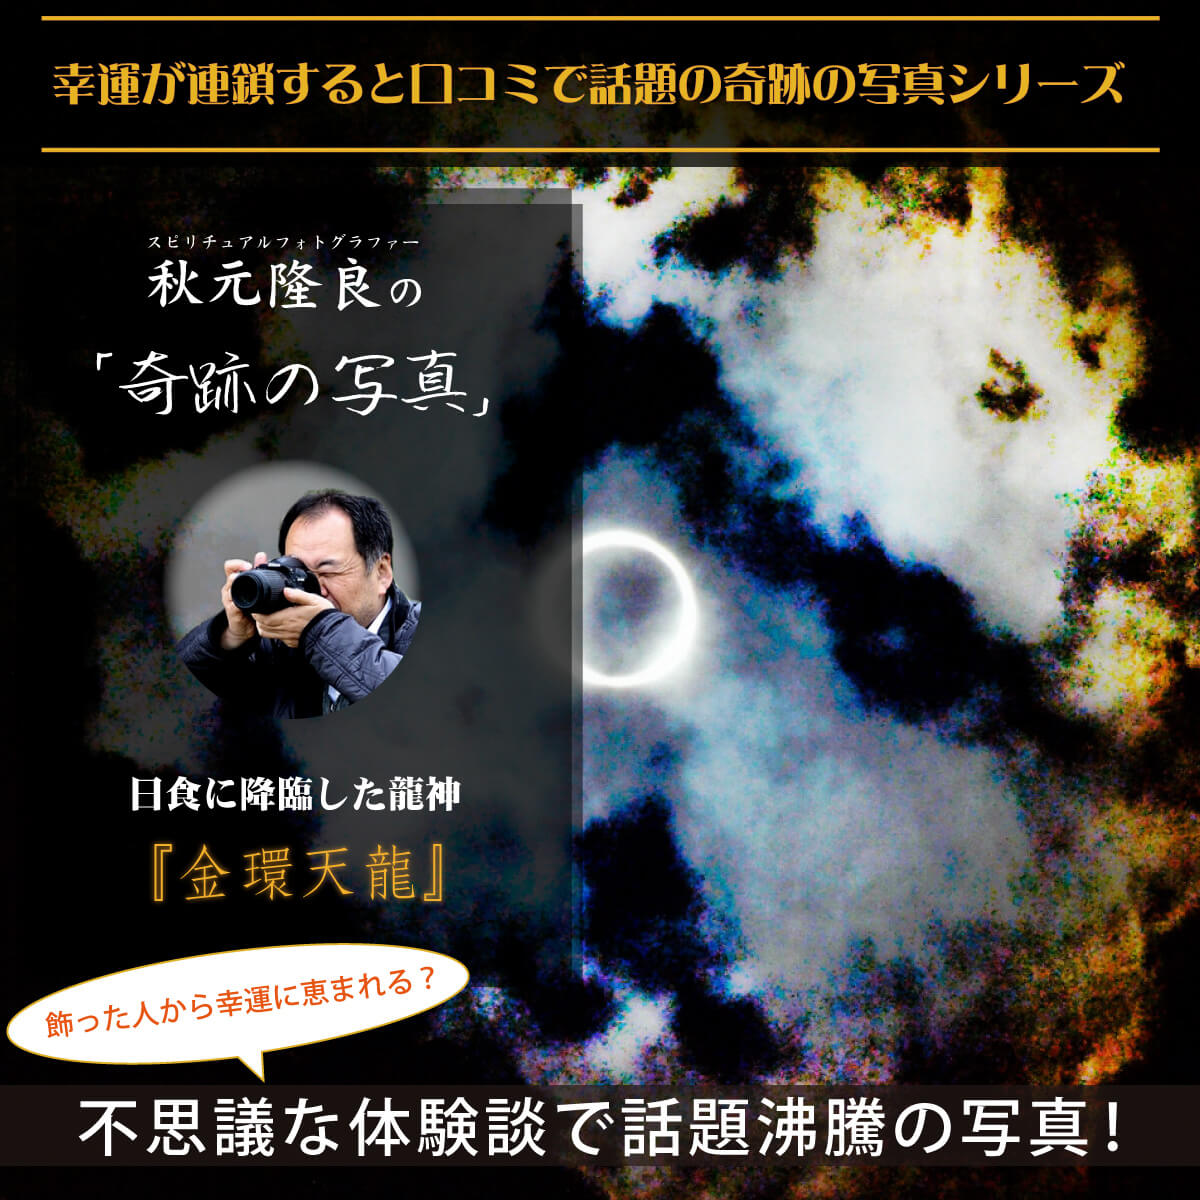 【奇跡の写真】金環天龍 ≫飾るだけで幸運が連鎖すると話題!秋元隆良の開運フォト作品 開運グッズ